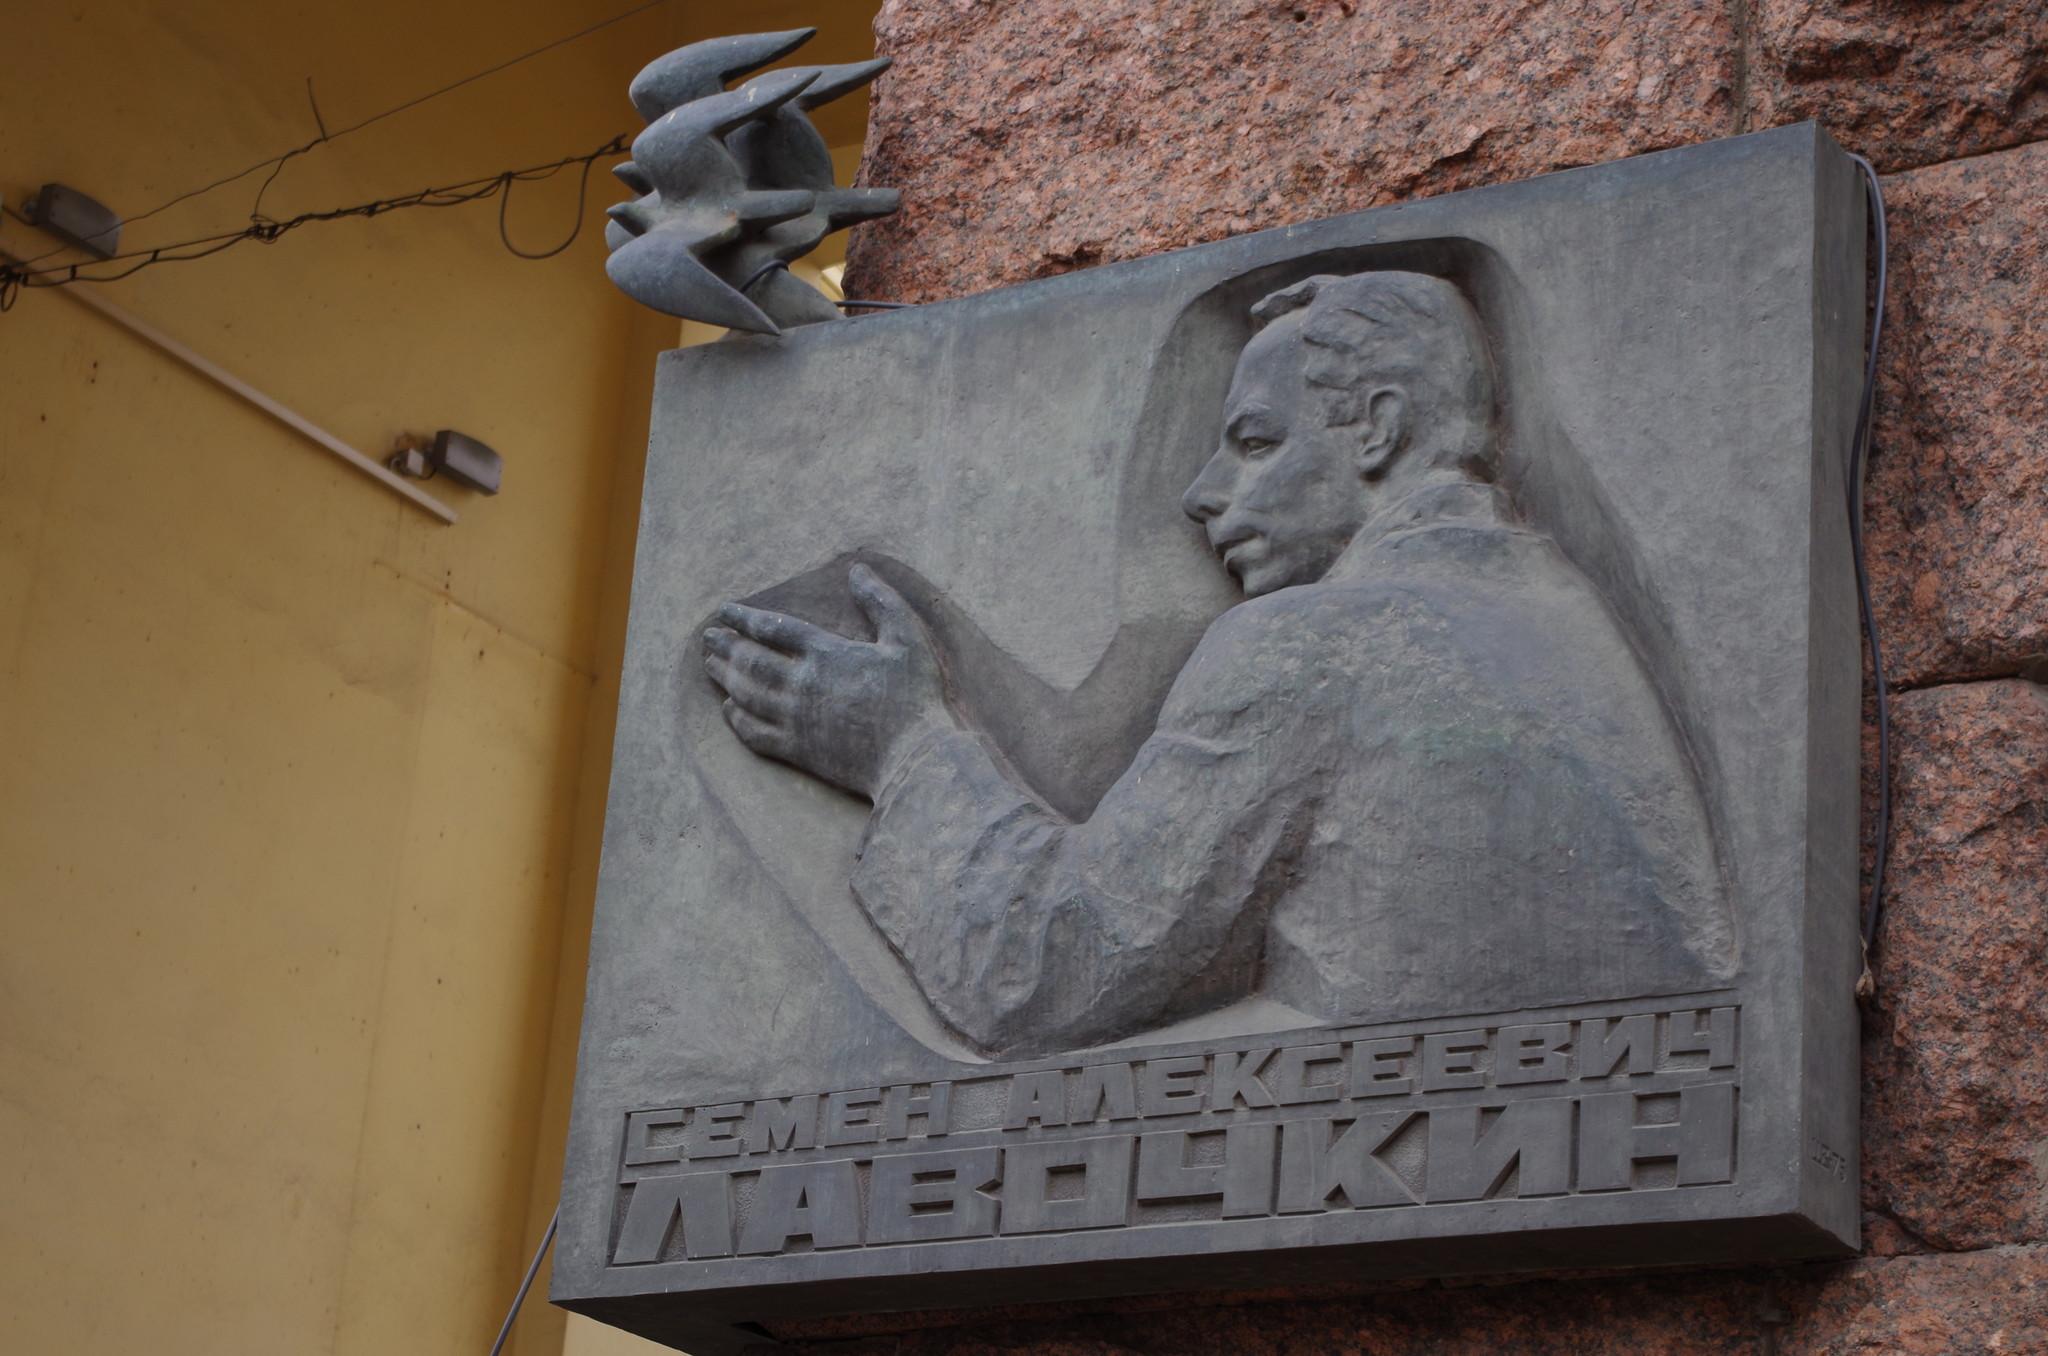 Мемориальная доска на доме № 19 по Тверской улице в Москве, где жил С.А. Лавочкин